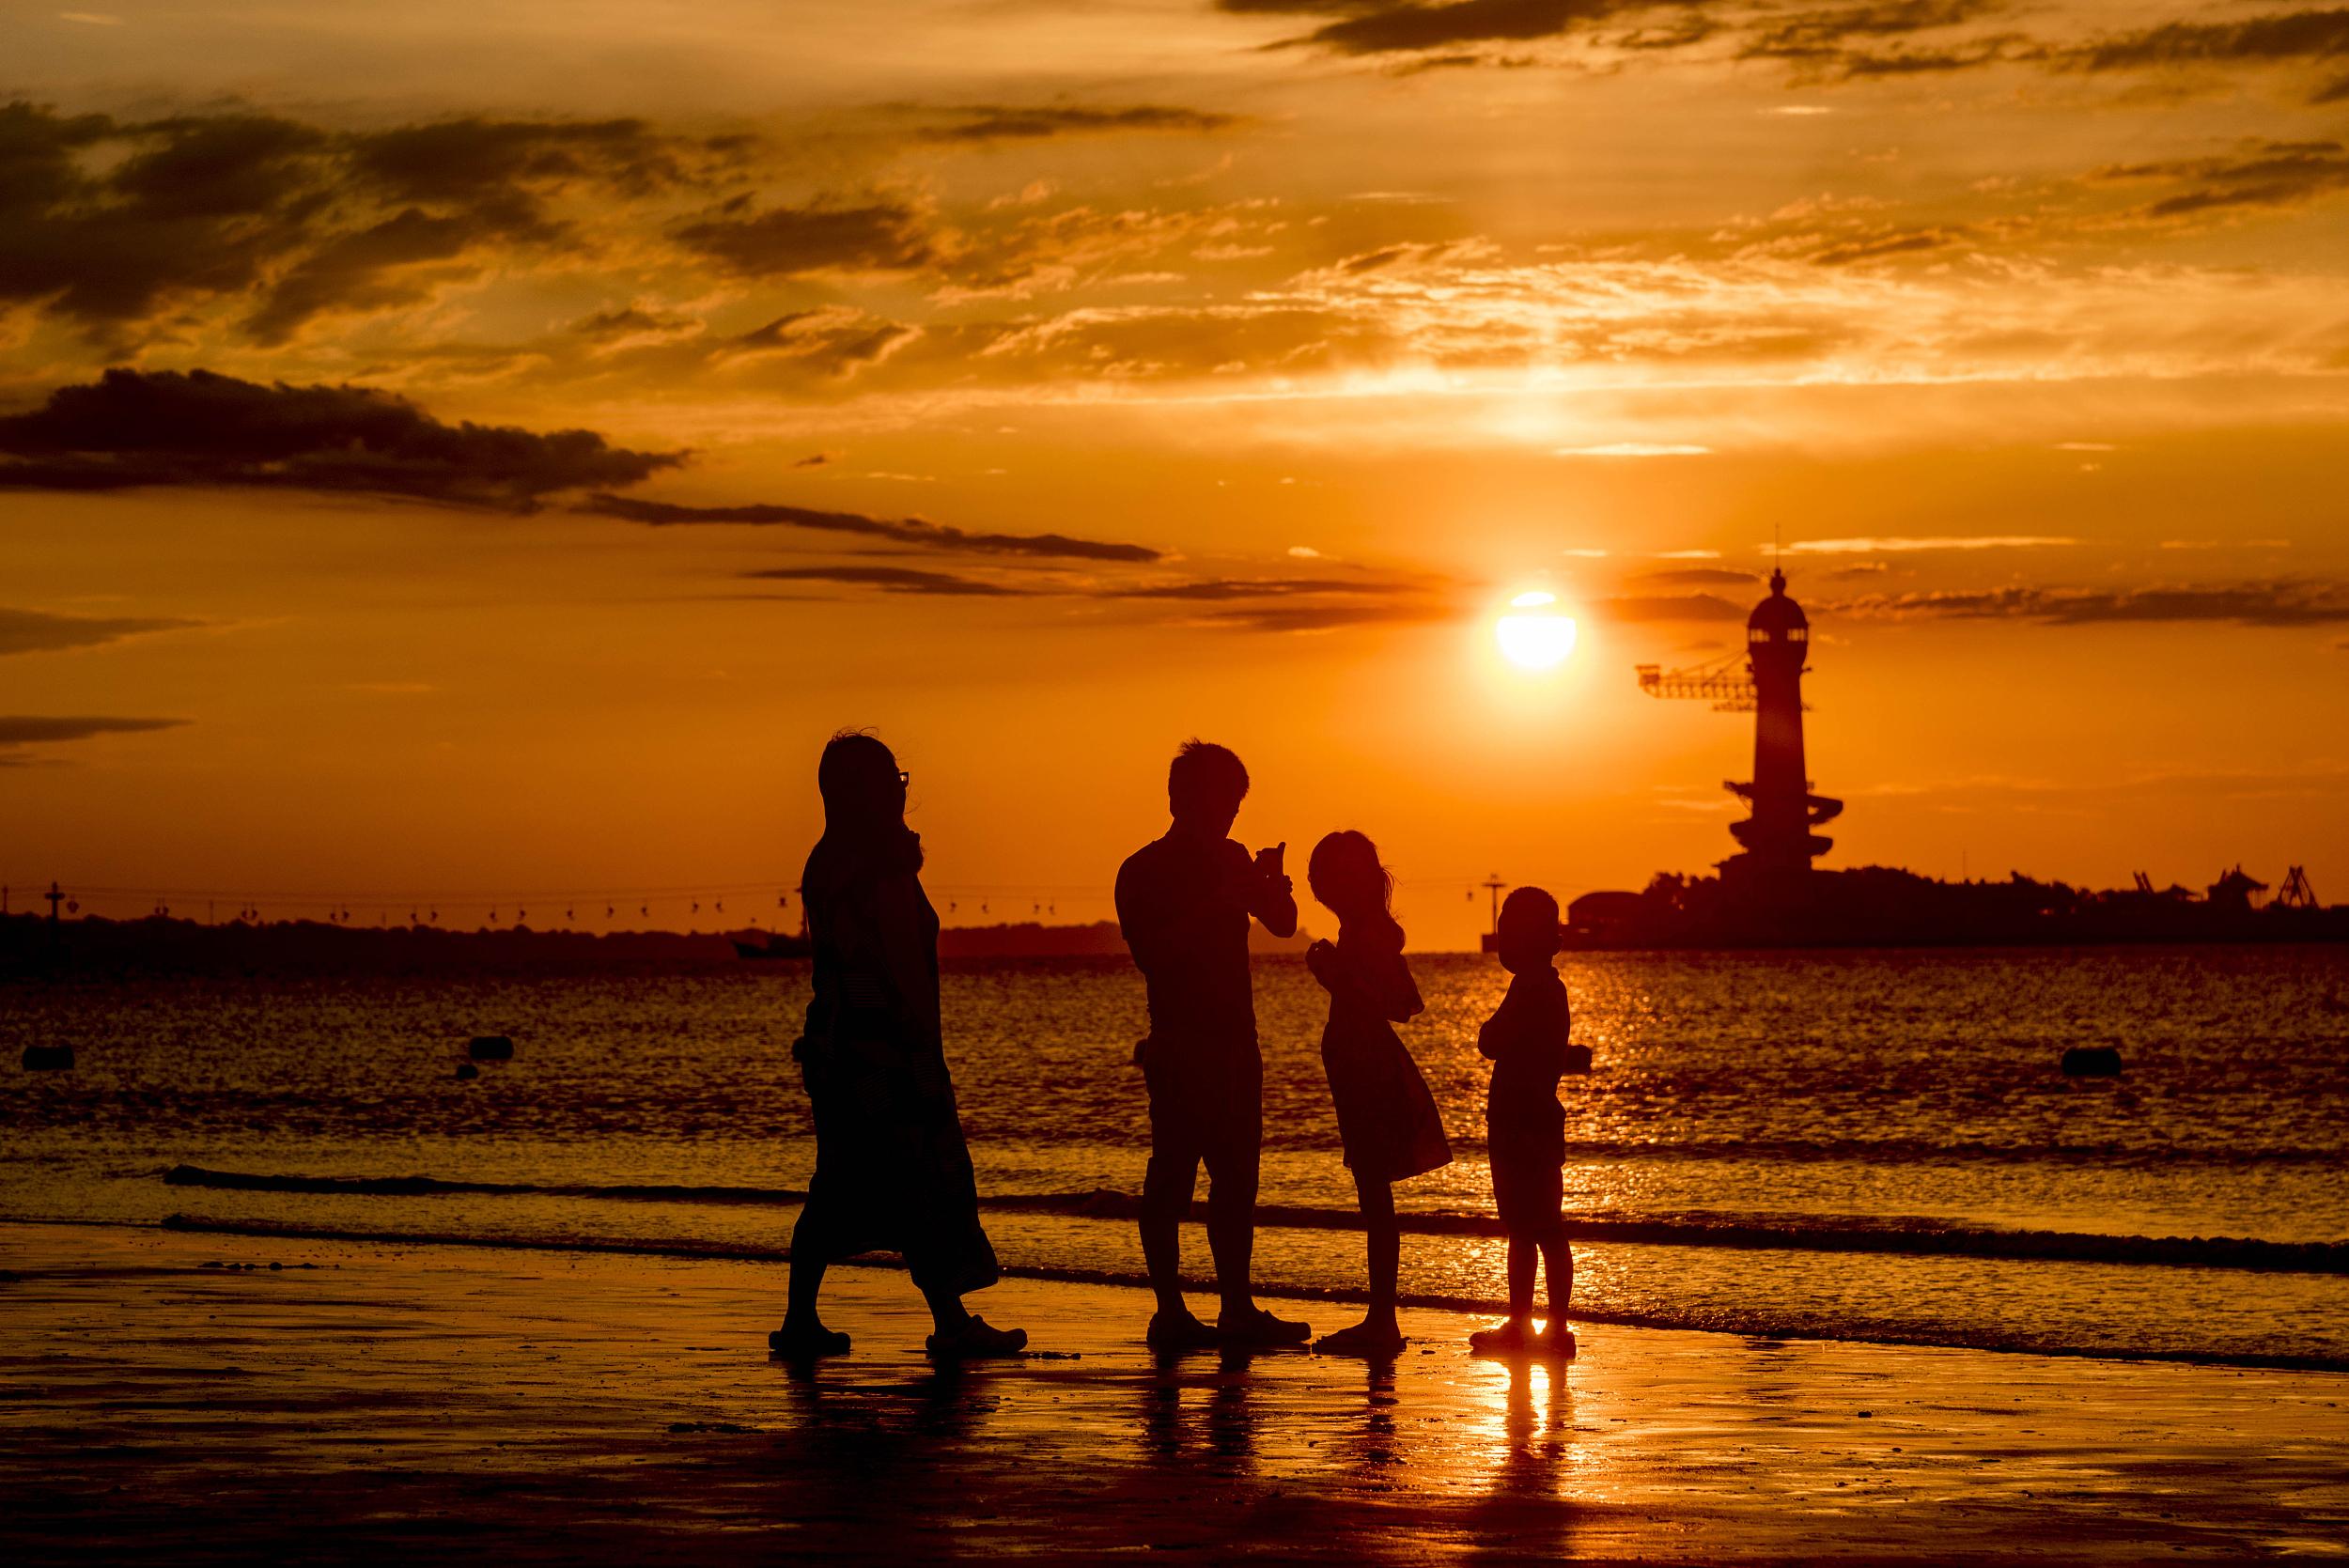 365体育秦皇岛:北戴河新区金色阳光映大海 游客海边享受惬意假期